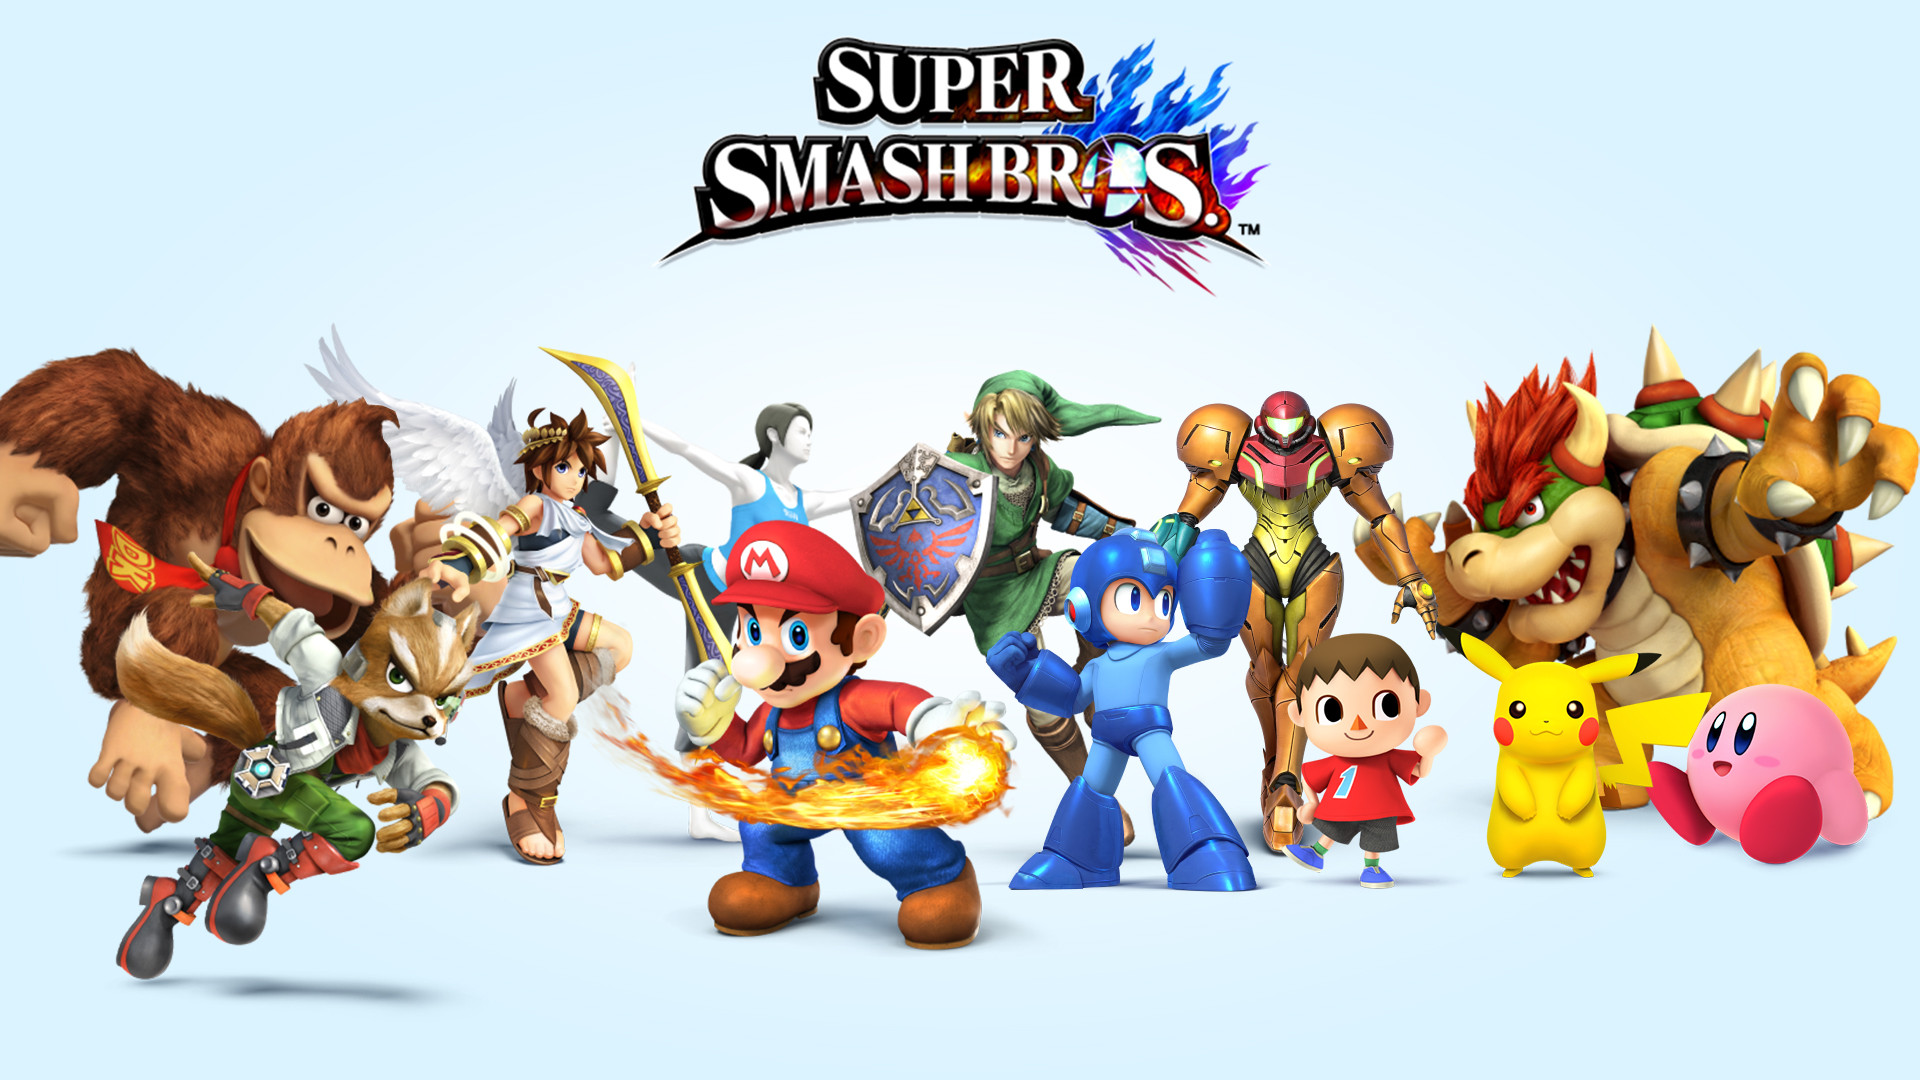 45 Super Smash Bros Hd Wallpaper On Wallpapersafari